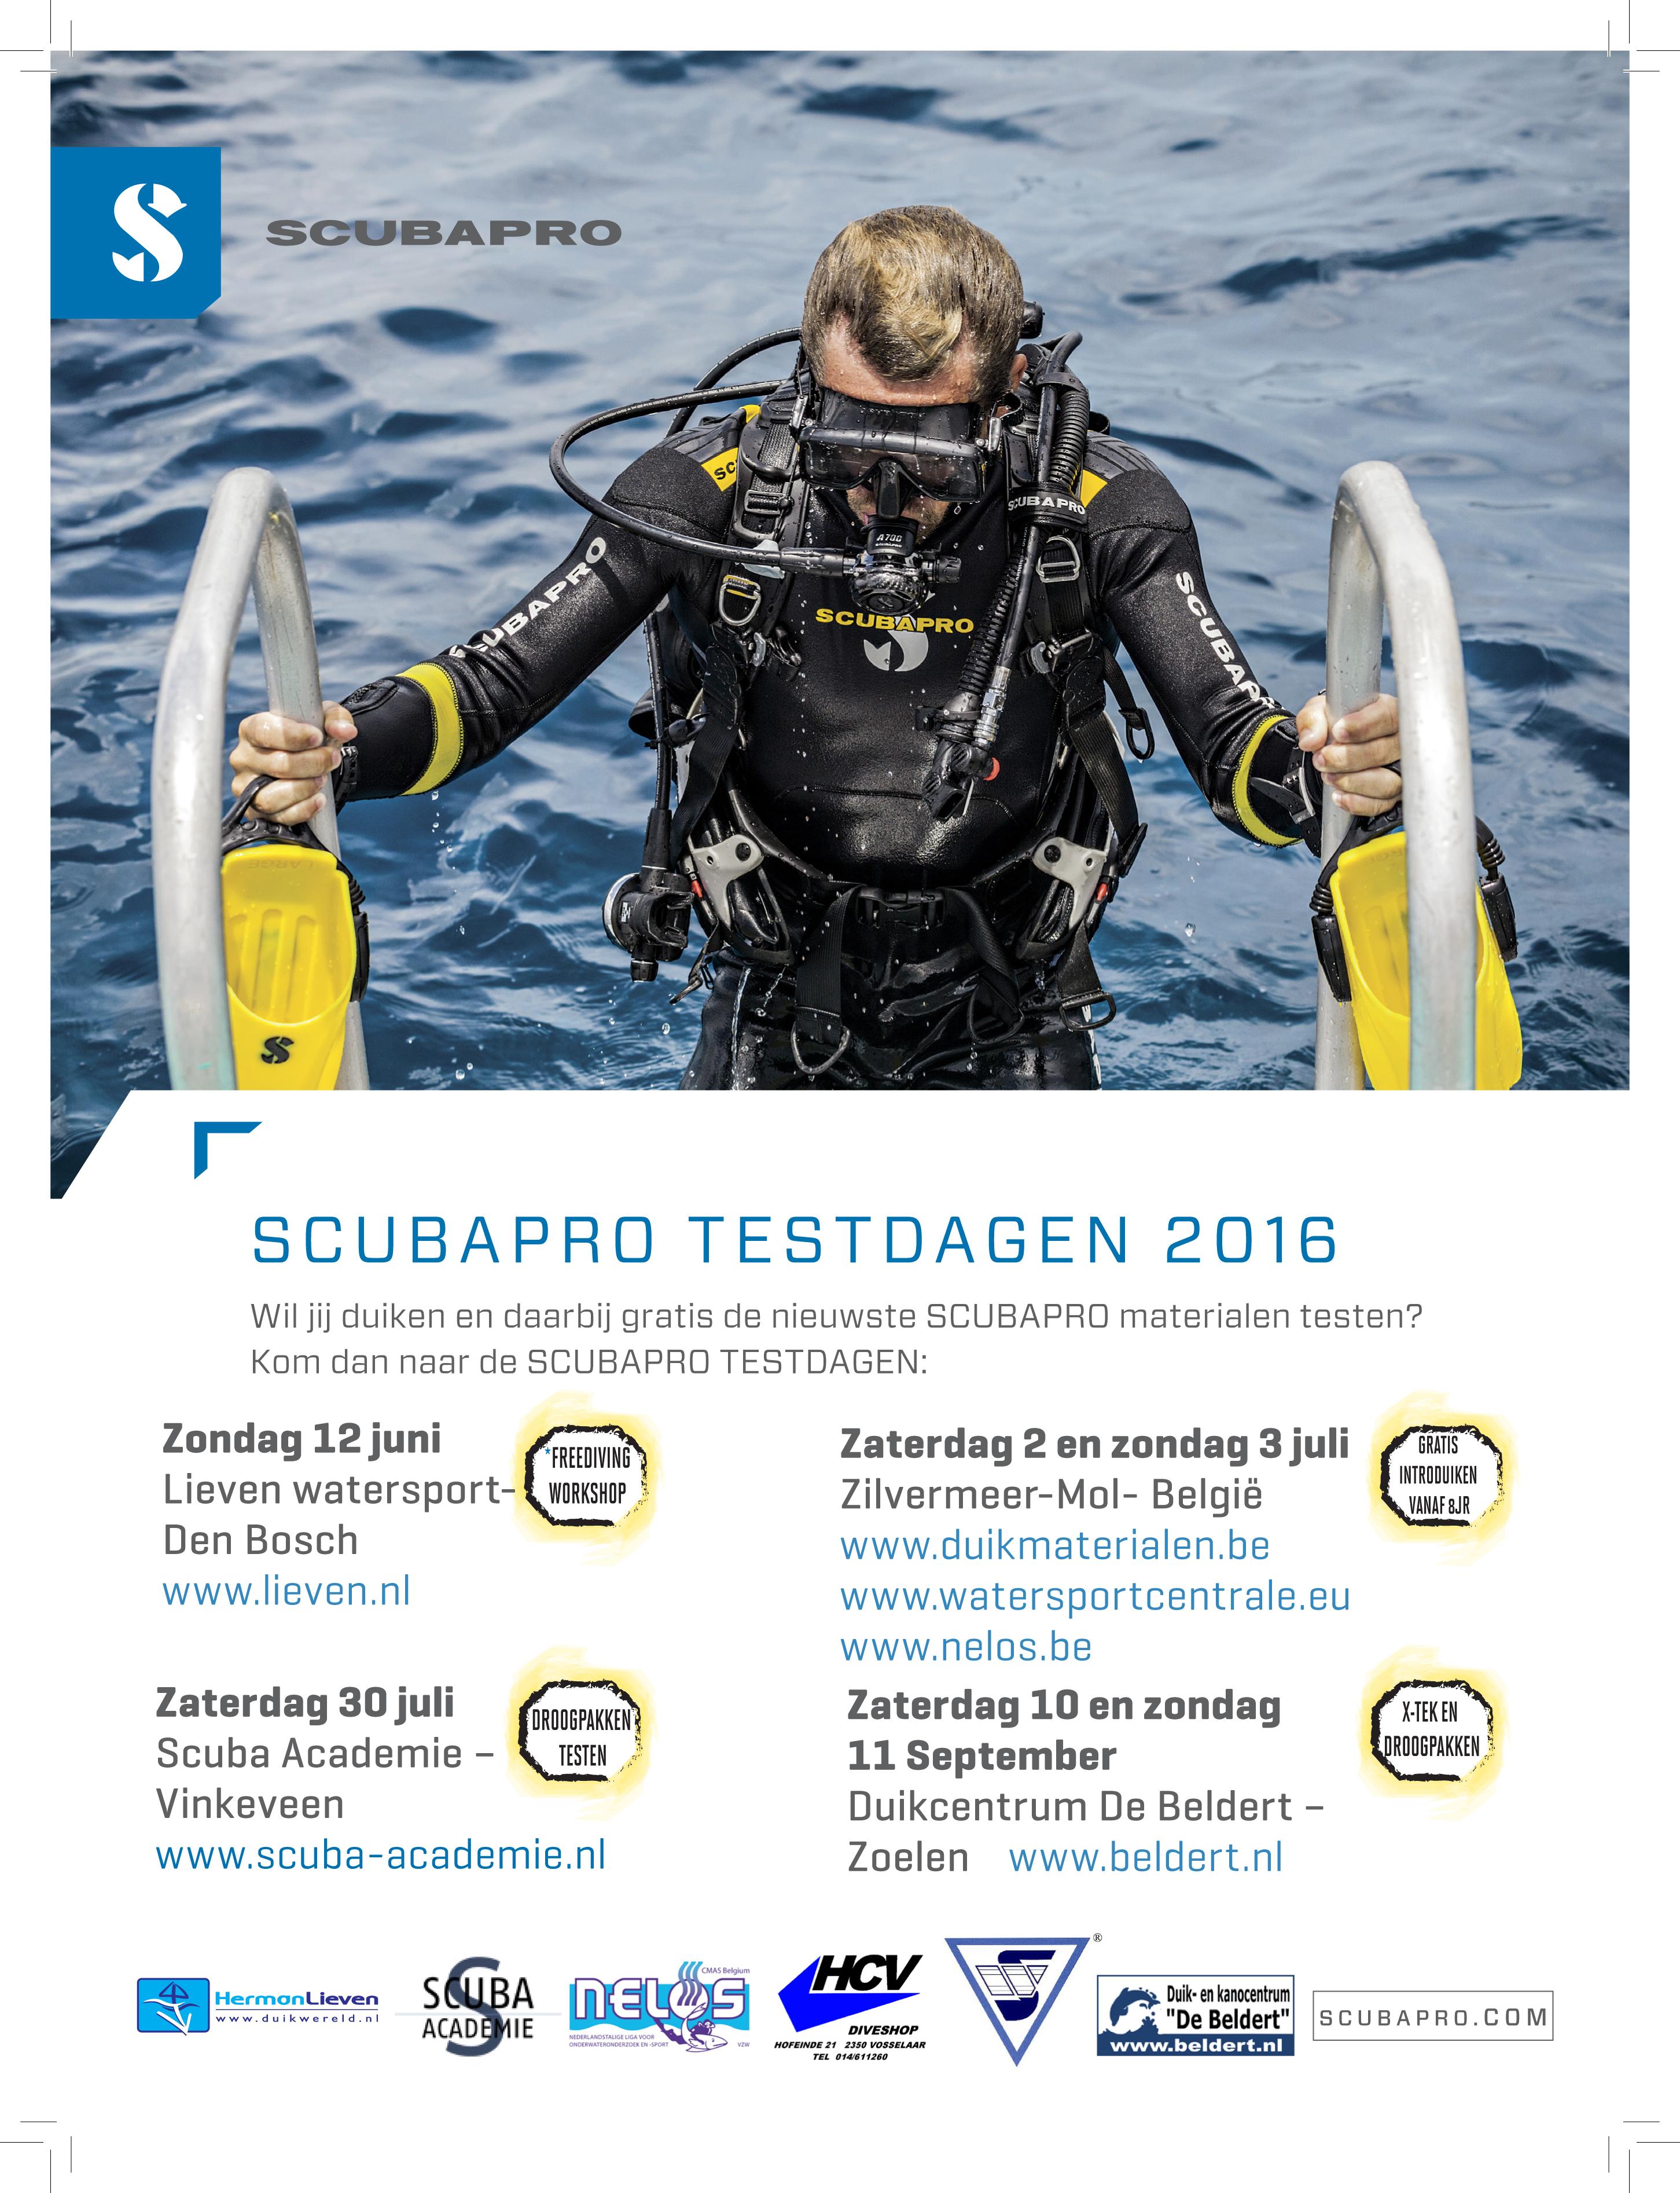 2016 DUIKEN NL 225 X 300 3MM SCUBAPRO DAYS.indd